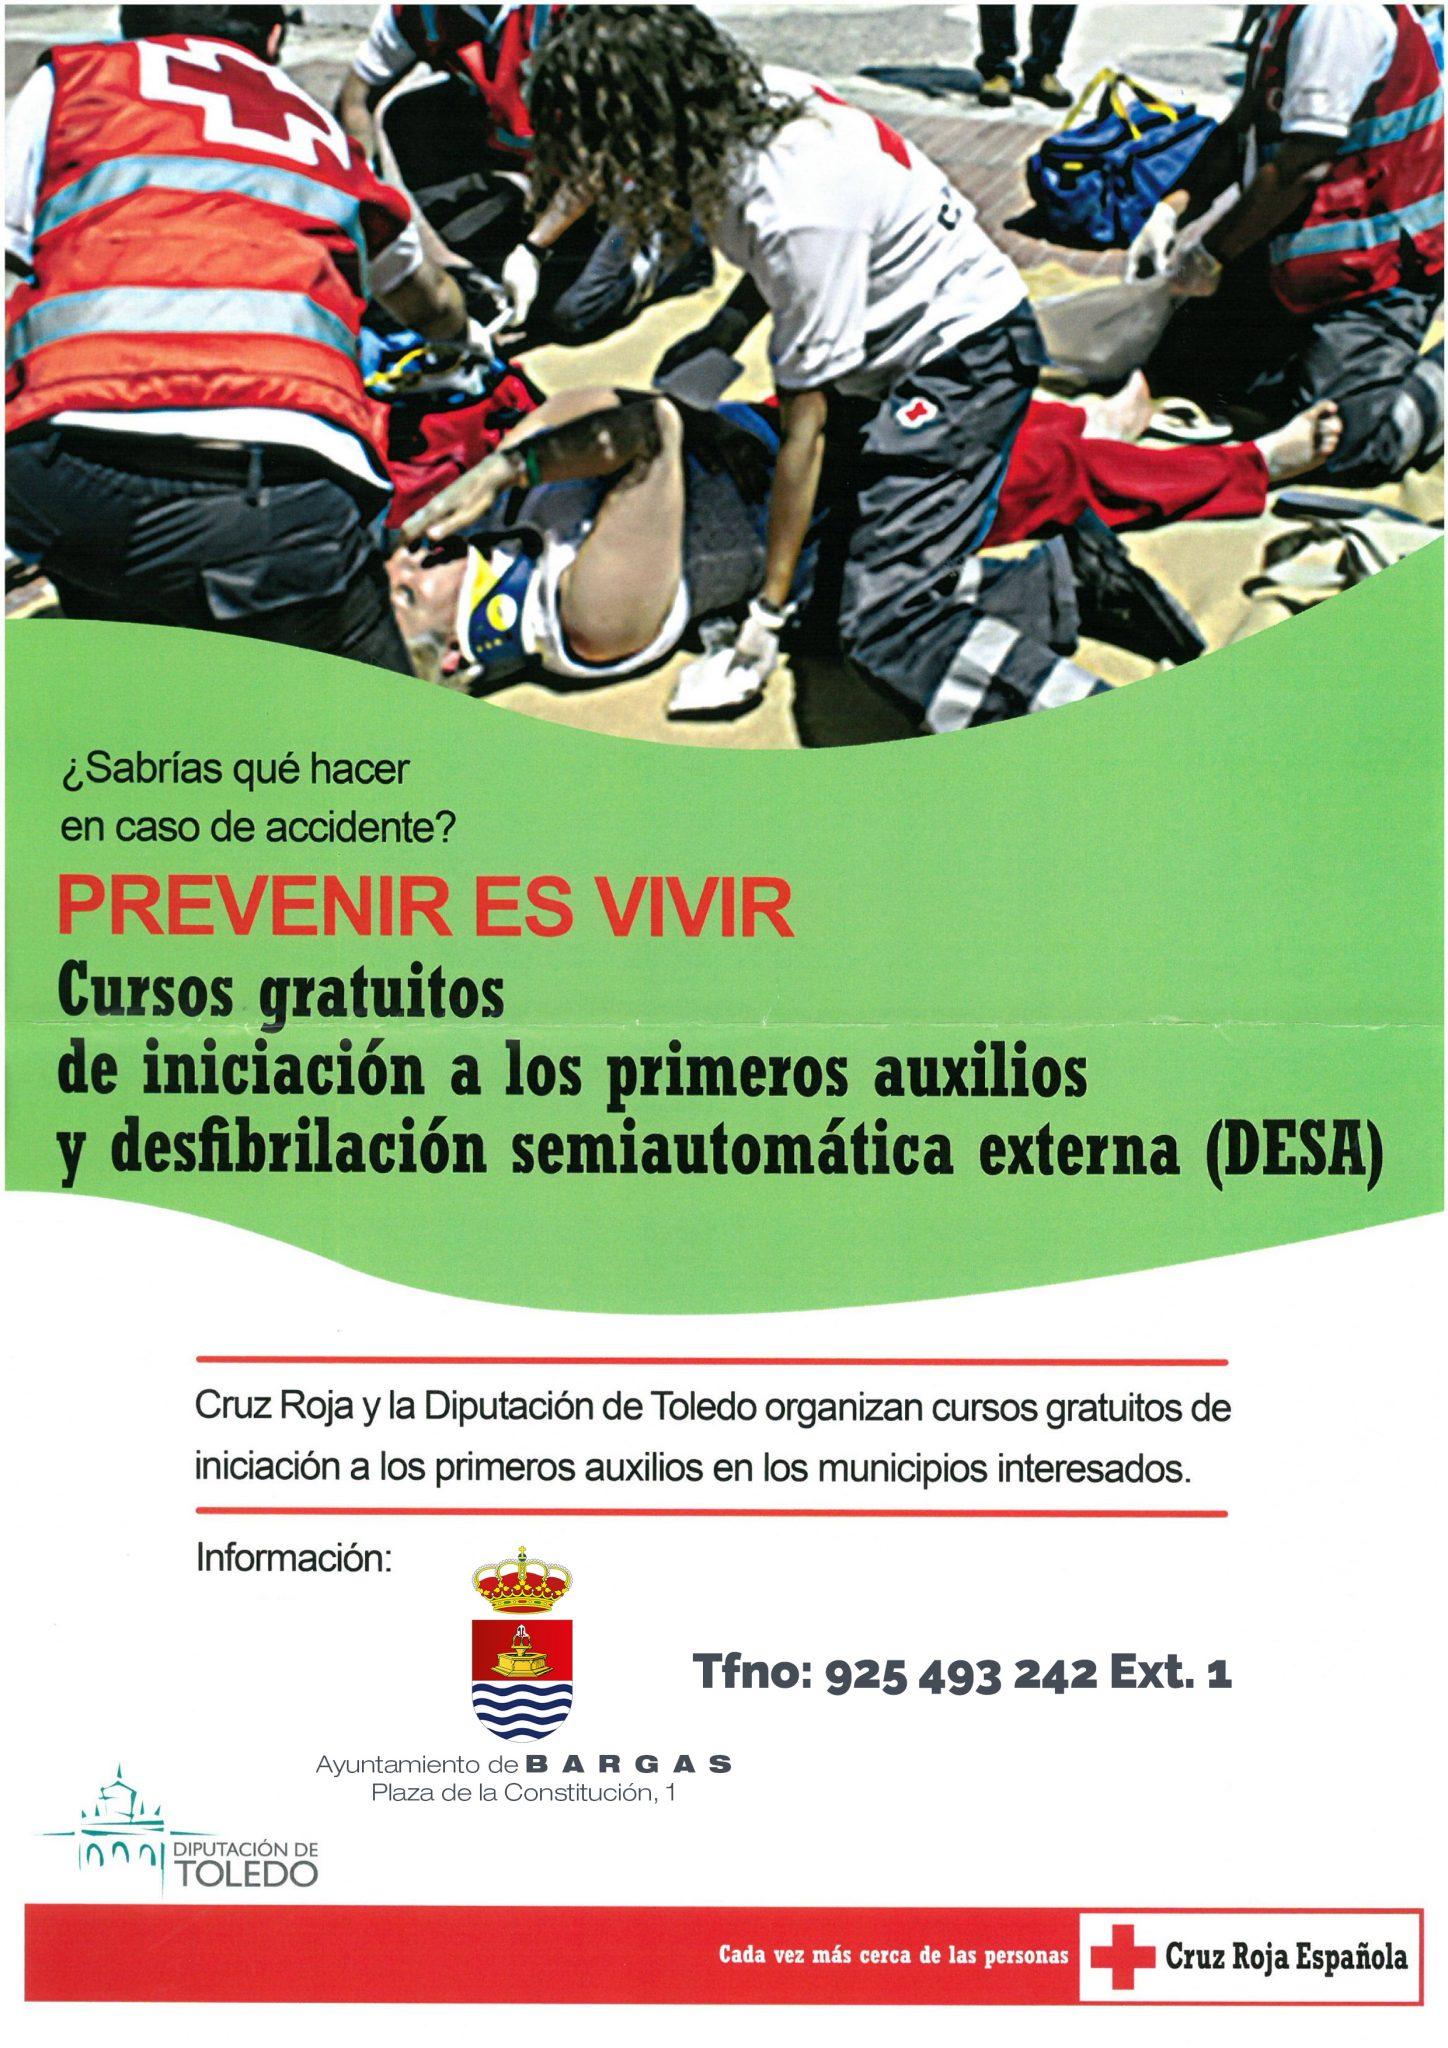 Abierto el plazo de inscripción para los cursos gratuitos de primeros auxilios y DESA